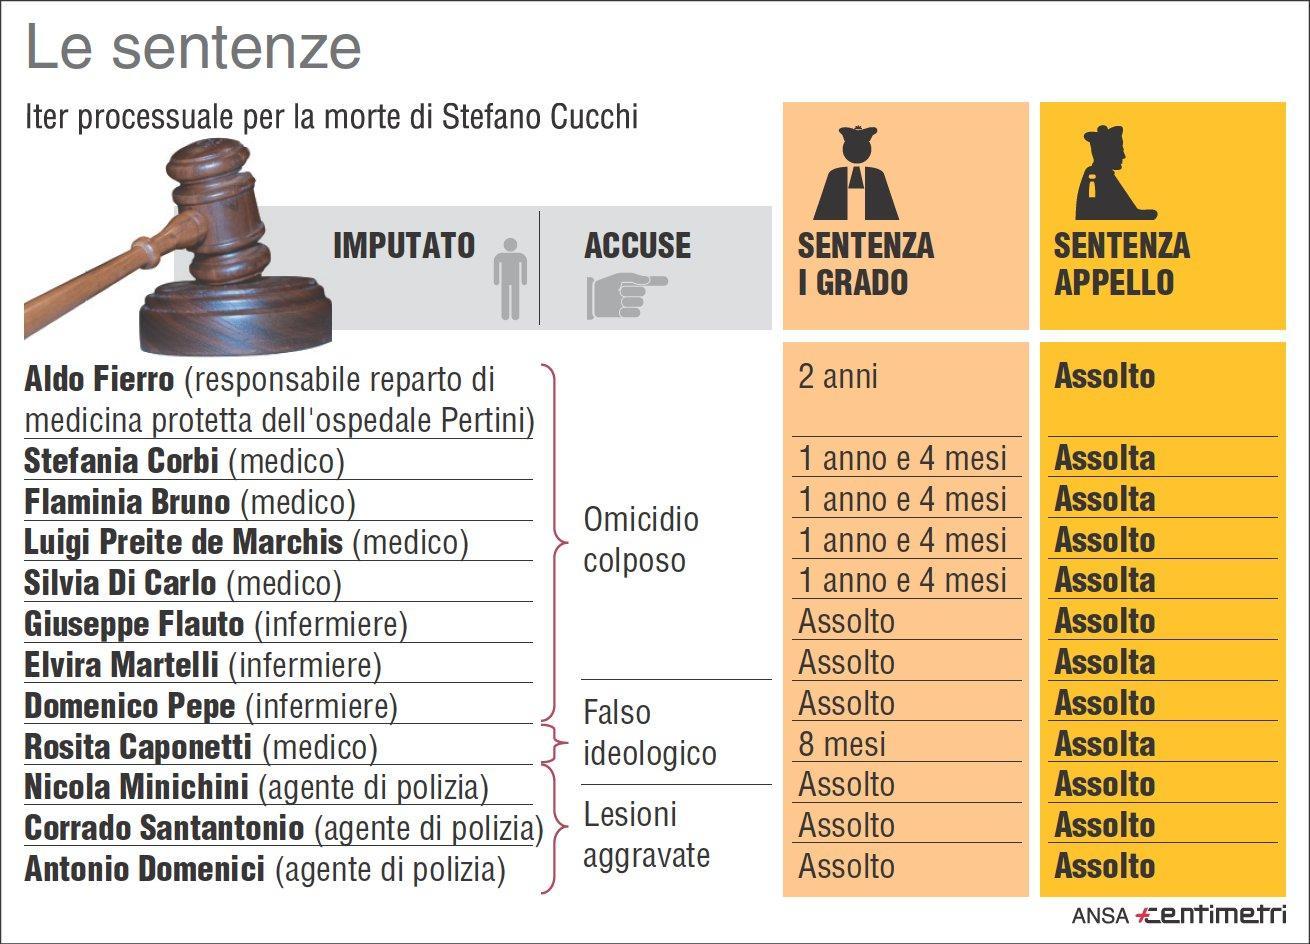 Caso Cucchi, gli imputati e le sentenze